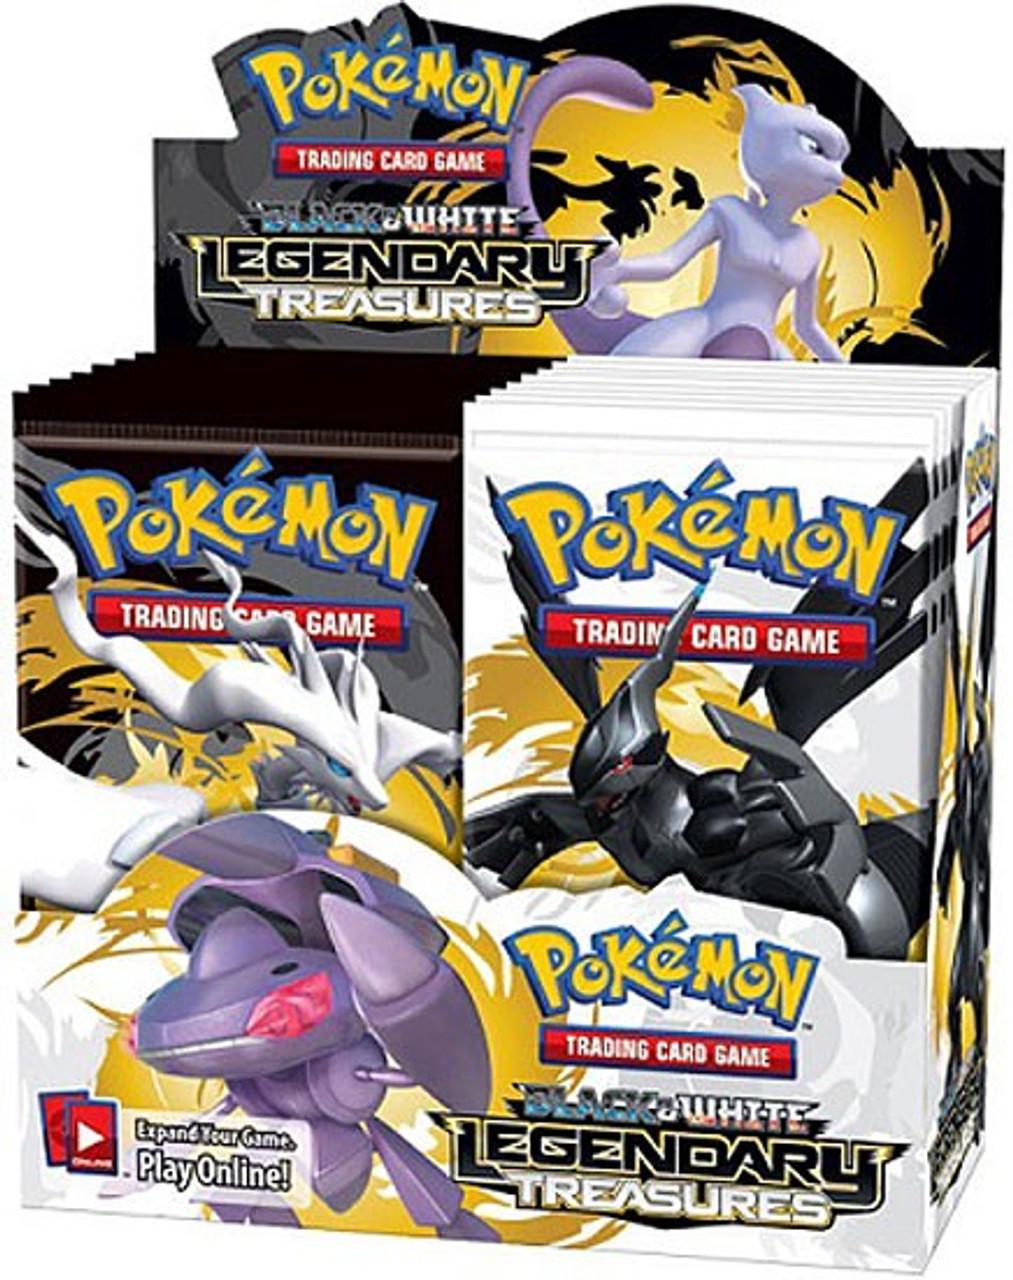 Pokemon Black & White Legendary Treasures Booster Box [36 Packs]